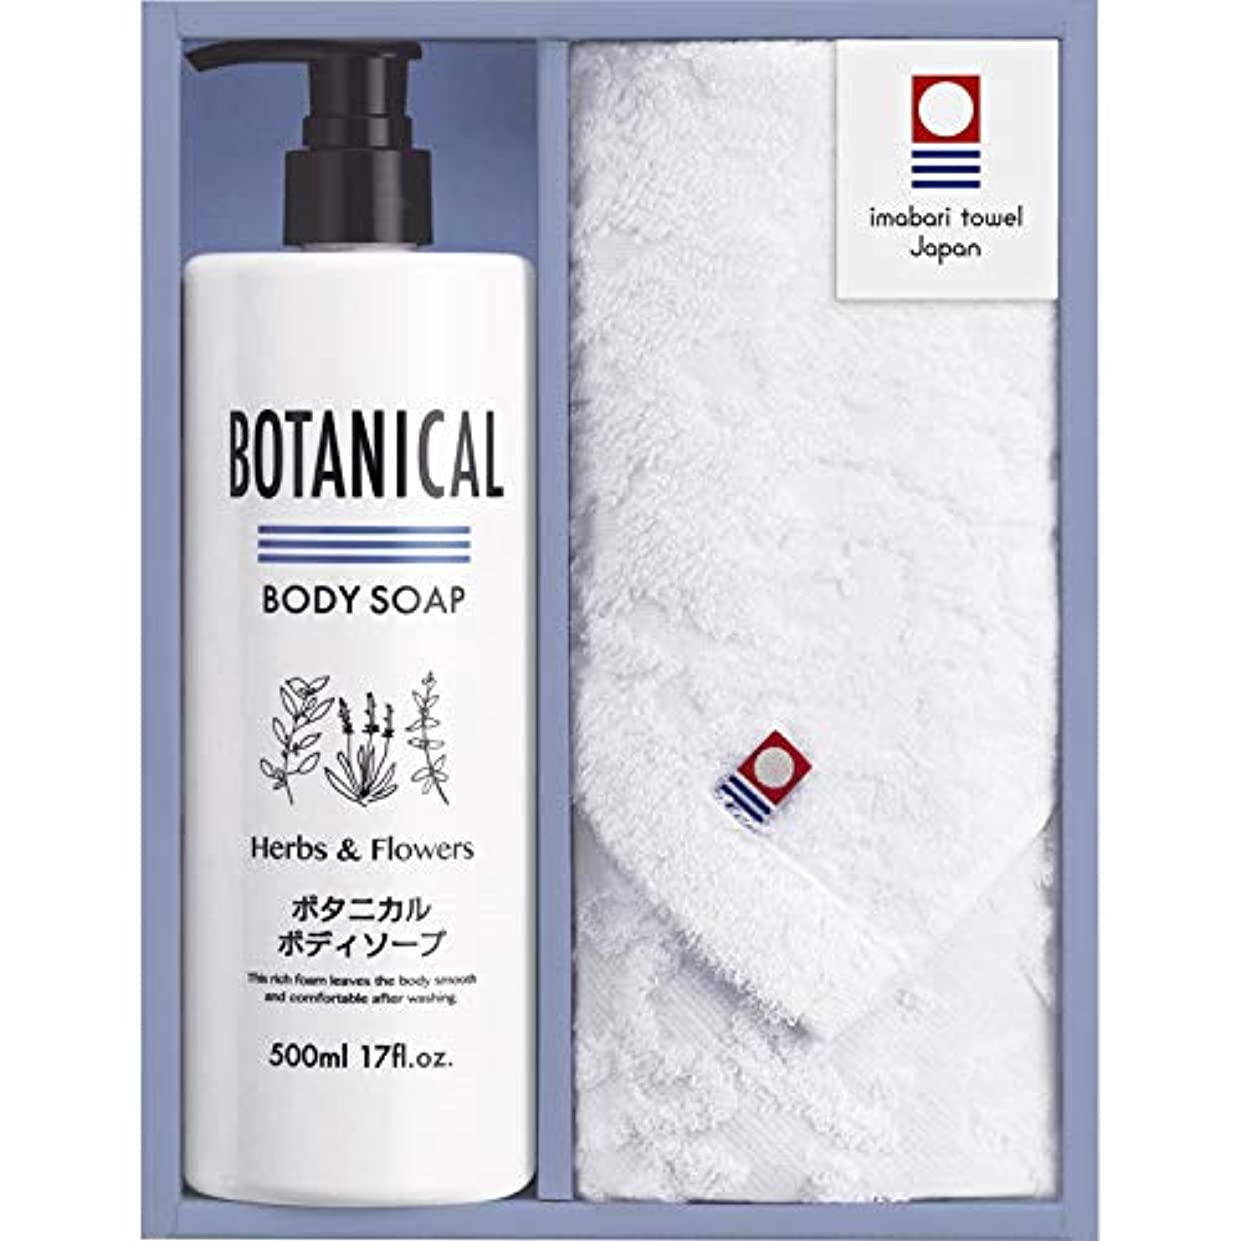 黙雰囲気切手ボタニカルボディソープセット BOB-10 【ぼたにかるぼでぃそーぷせっと 国産 日本製 詰め合わせ つめあわせ たおる ごうせいちゃくしょくりょうふりー いまばり しょくぶつせいげんりょう】